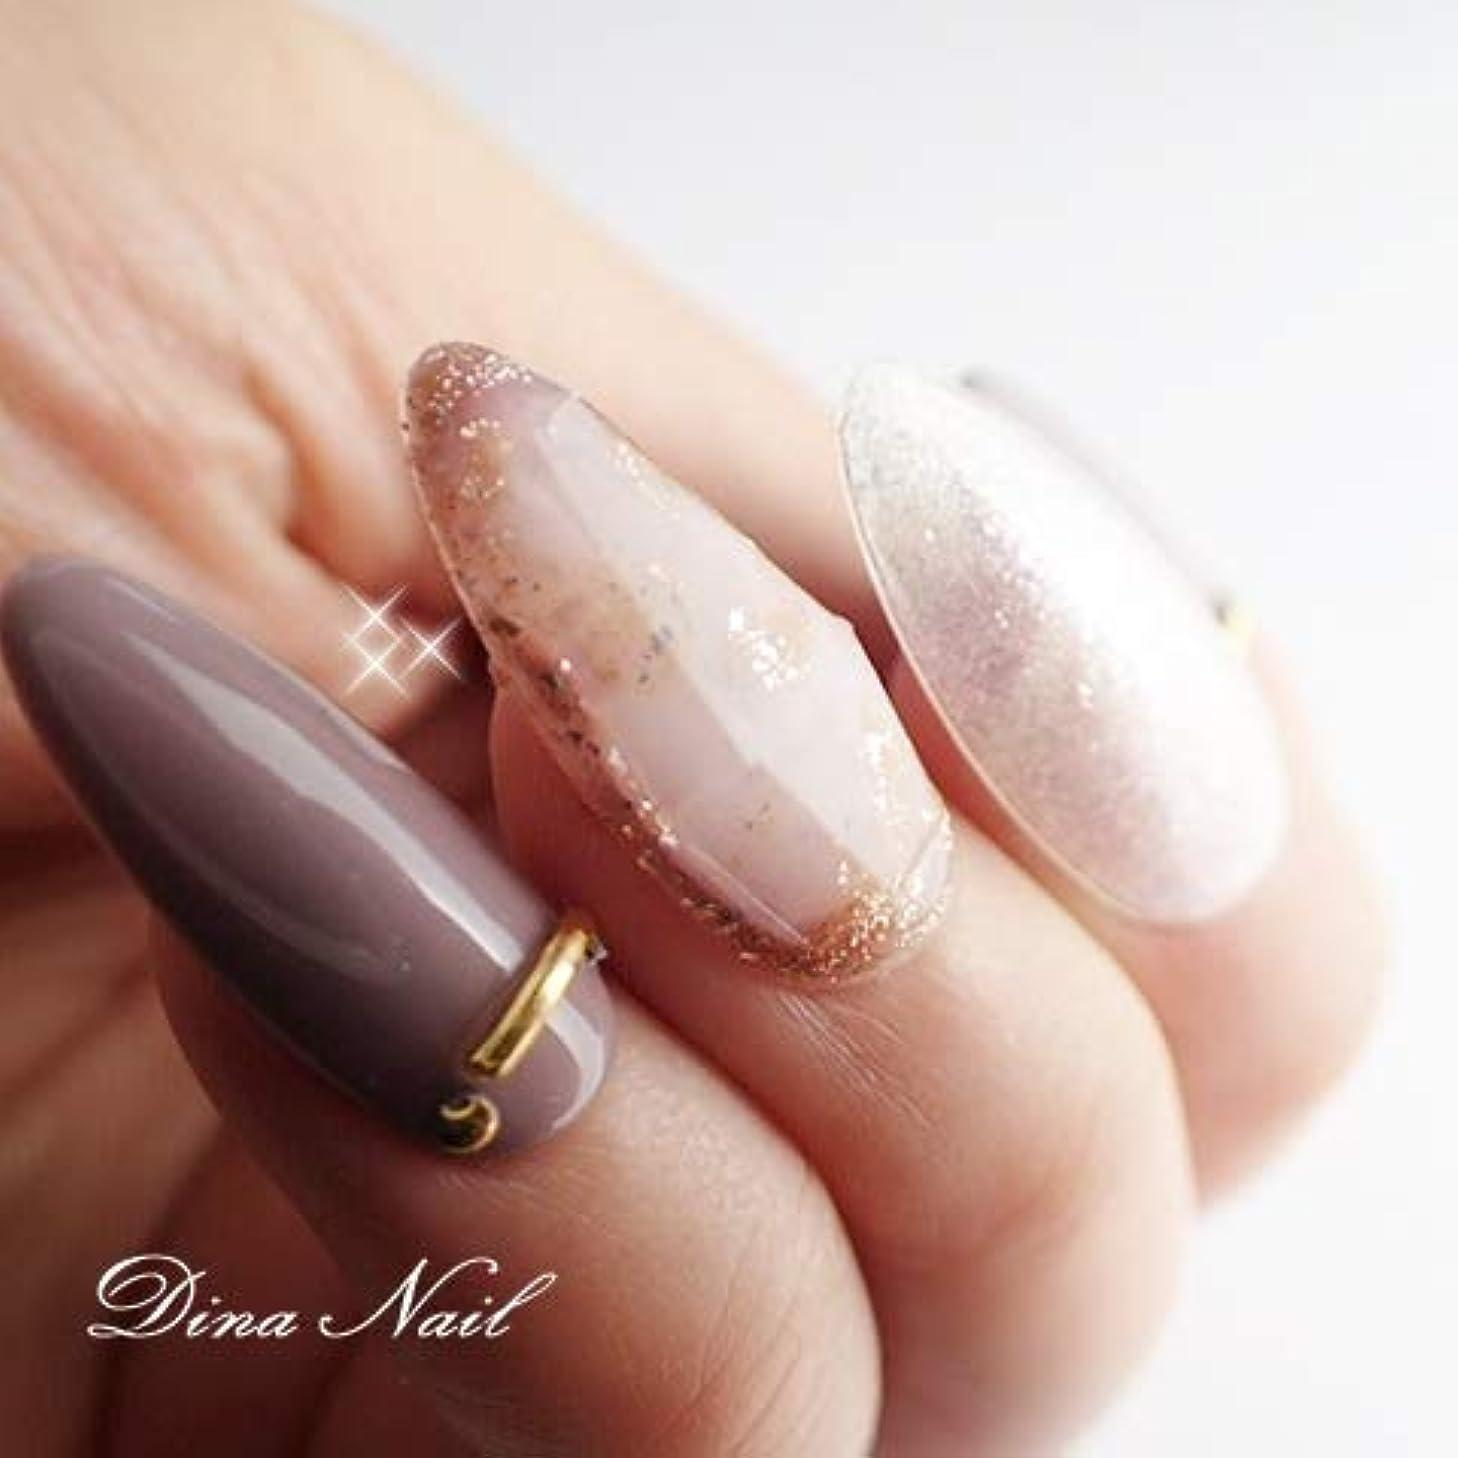 DINAネイル グレージュ宝石ネイル ベリーショートS(14358番) ネイルチップ